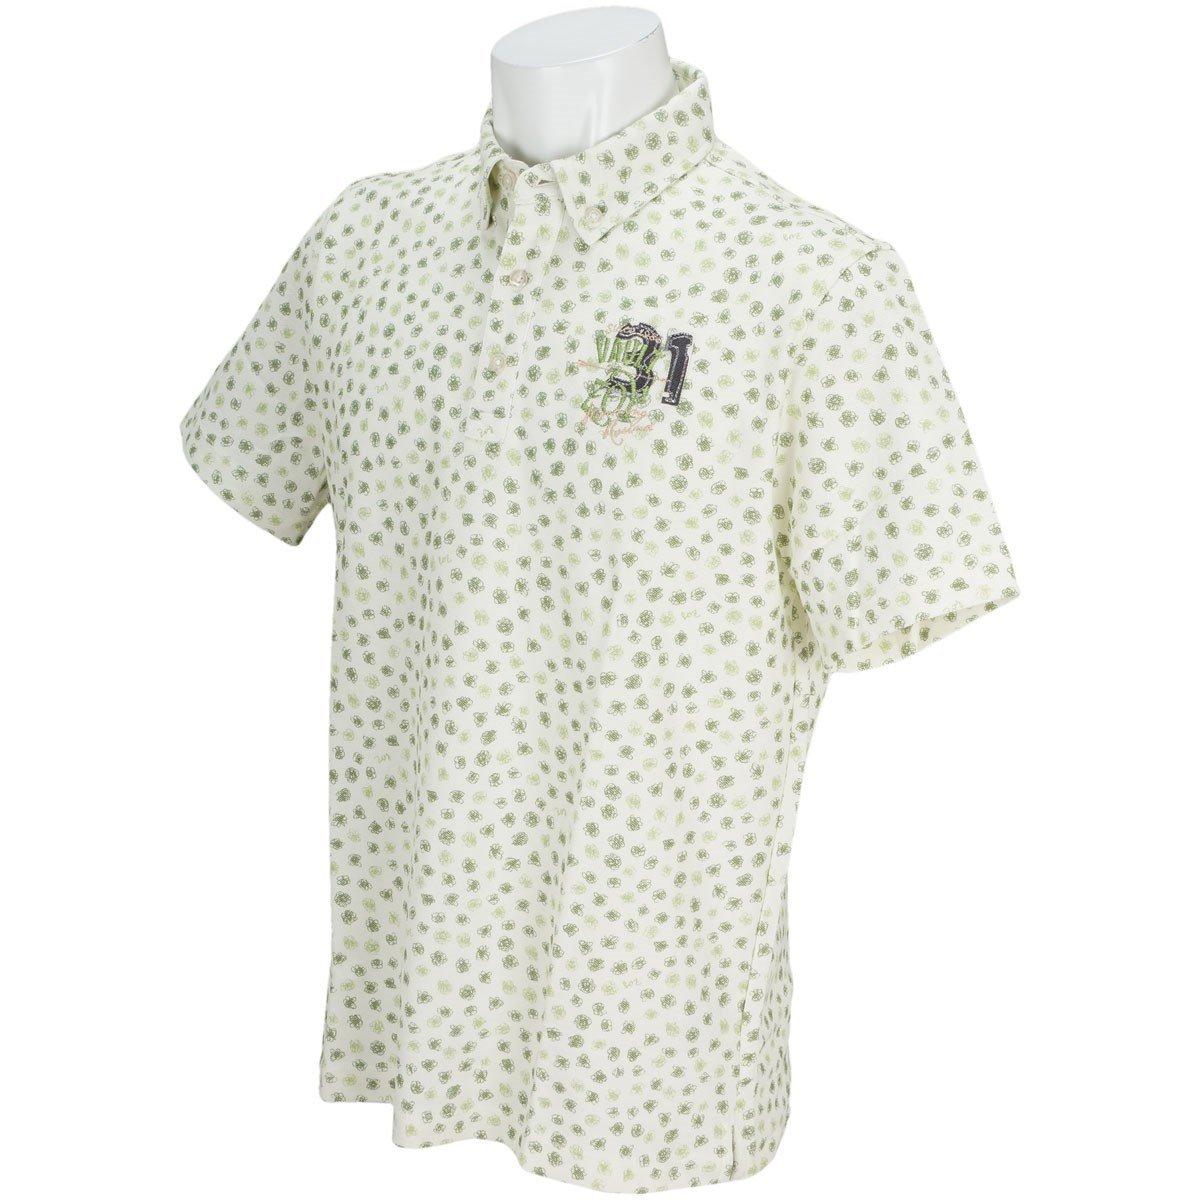 ゾーイ ZOY ポロシャツ 半袖 ボタンダウンシャツ UVカット 吸湿速乾 消臭 抗菌 カノコ素材 小花柄 フラワープリント ゴルフウェア メンズ 071482002 (ピンク(0012), M(1001))   B07B1ZGJKJ